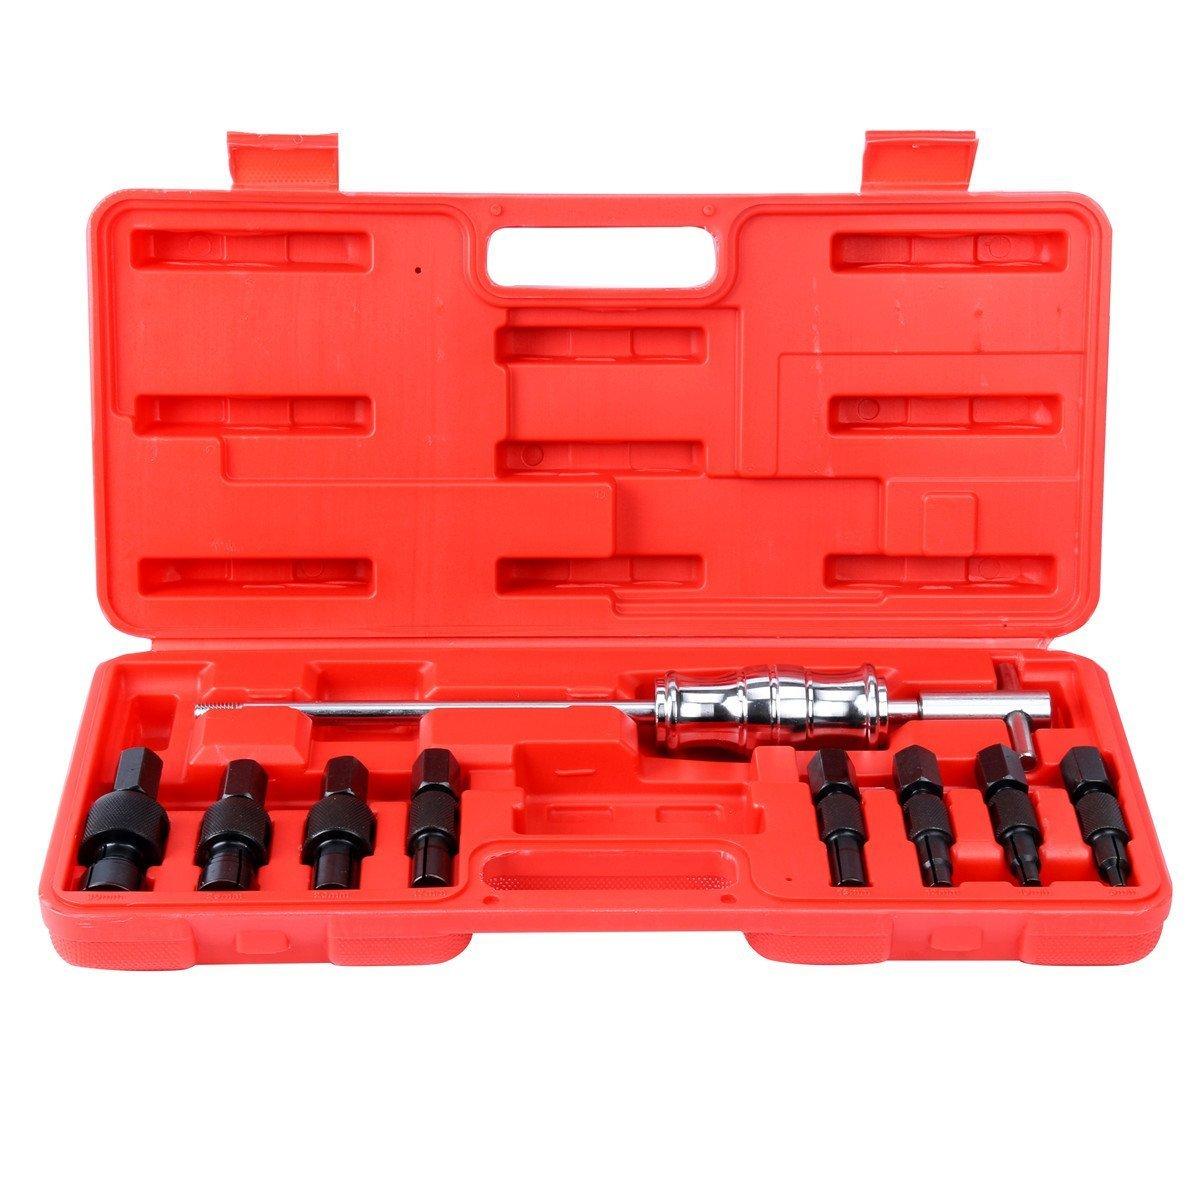 8MILELAKE Internal Bearing Remover Slide Hammer Set 9pc Blind Hole Inner Puller Set